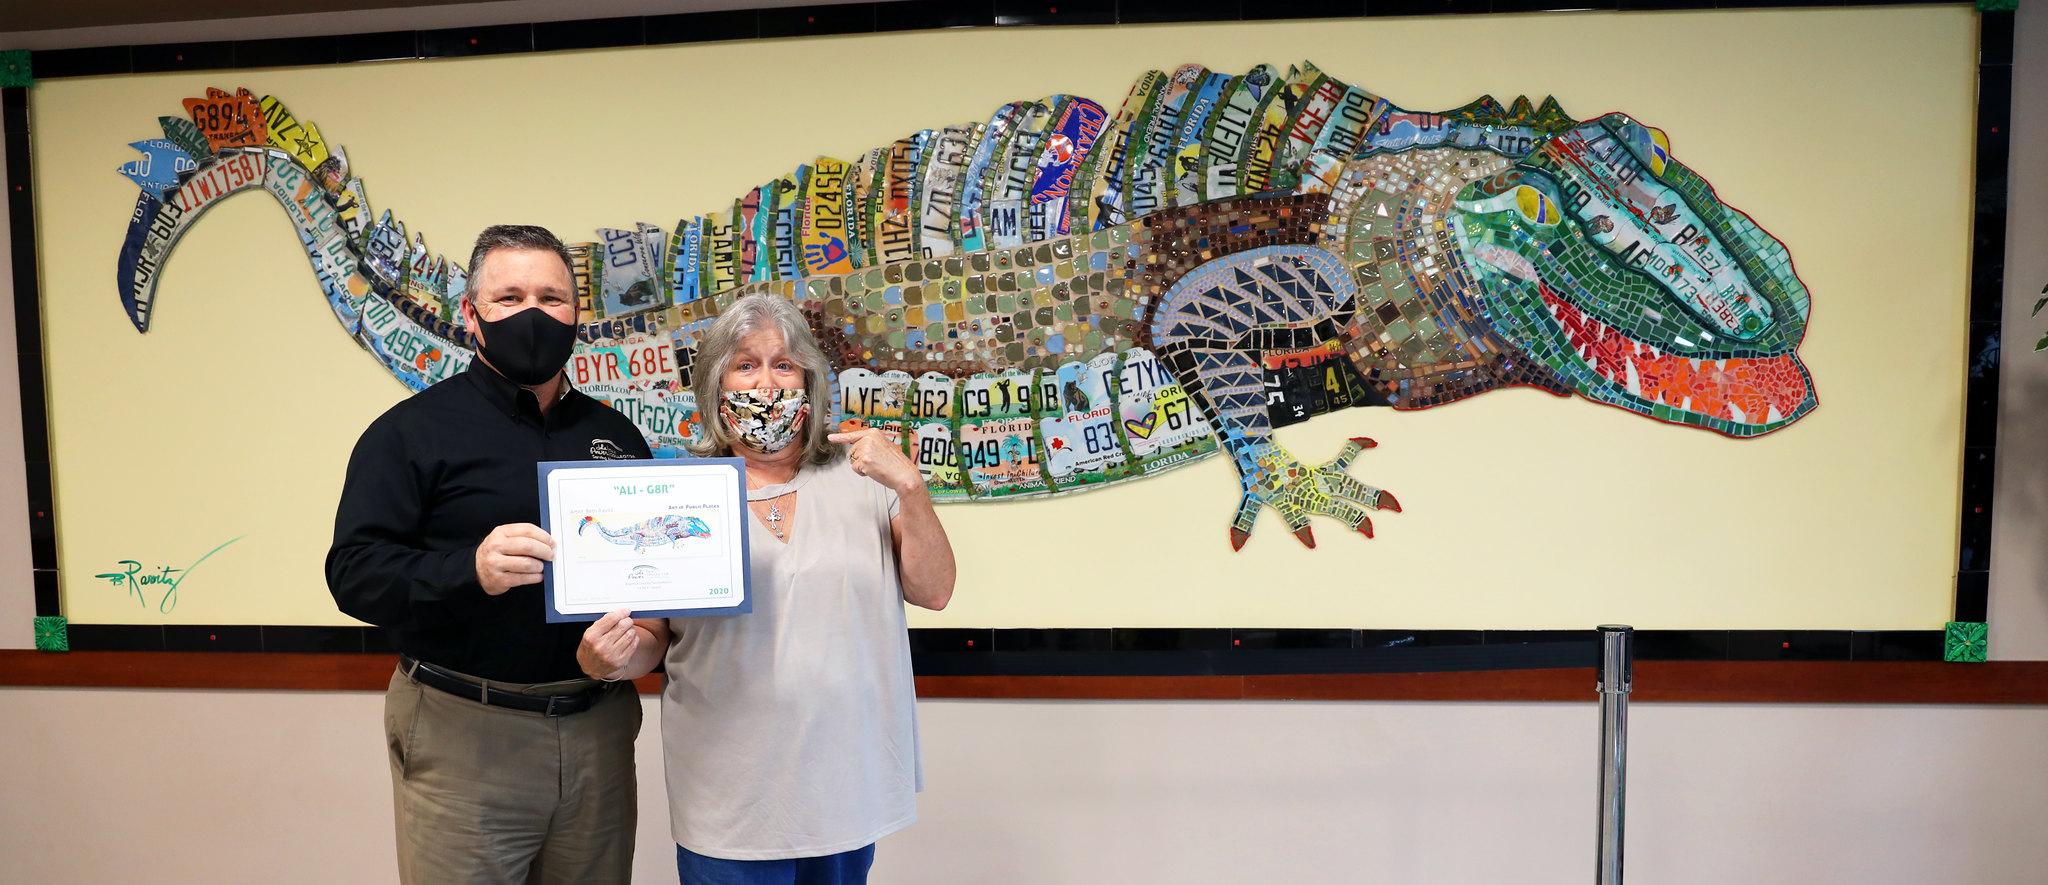 Alligator Art Naming Contest Winner